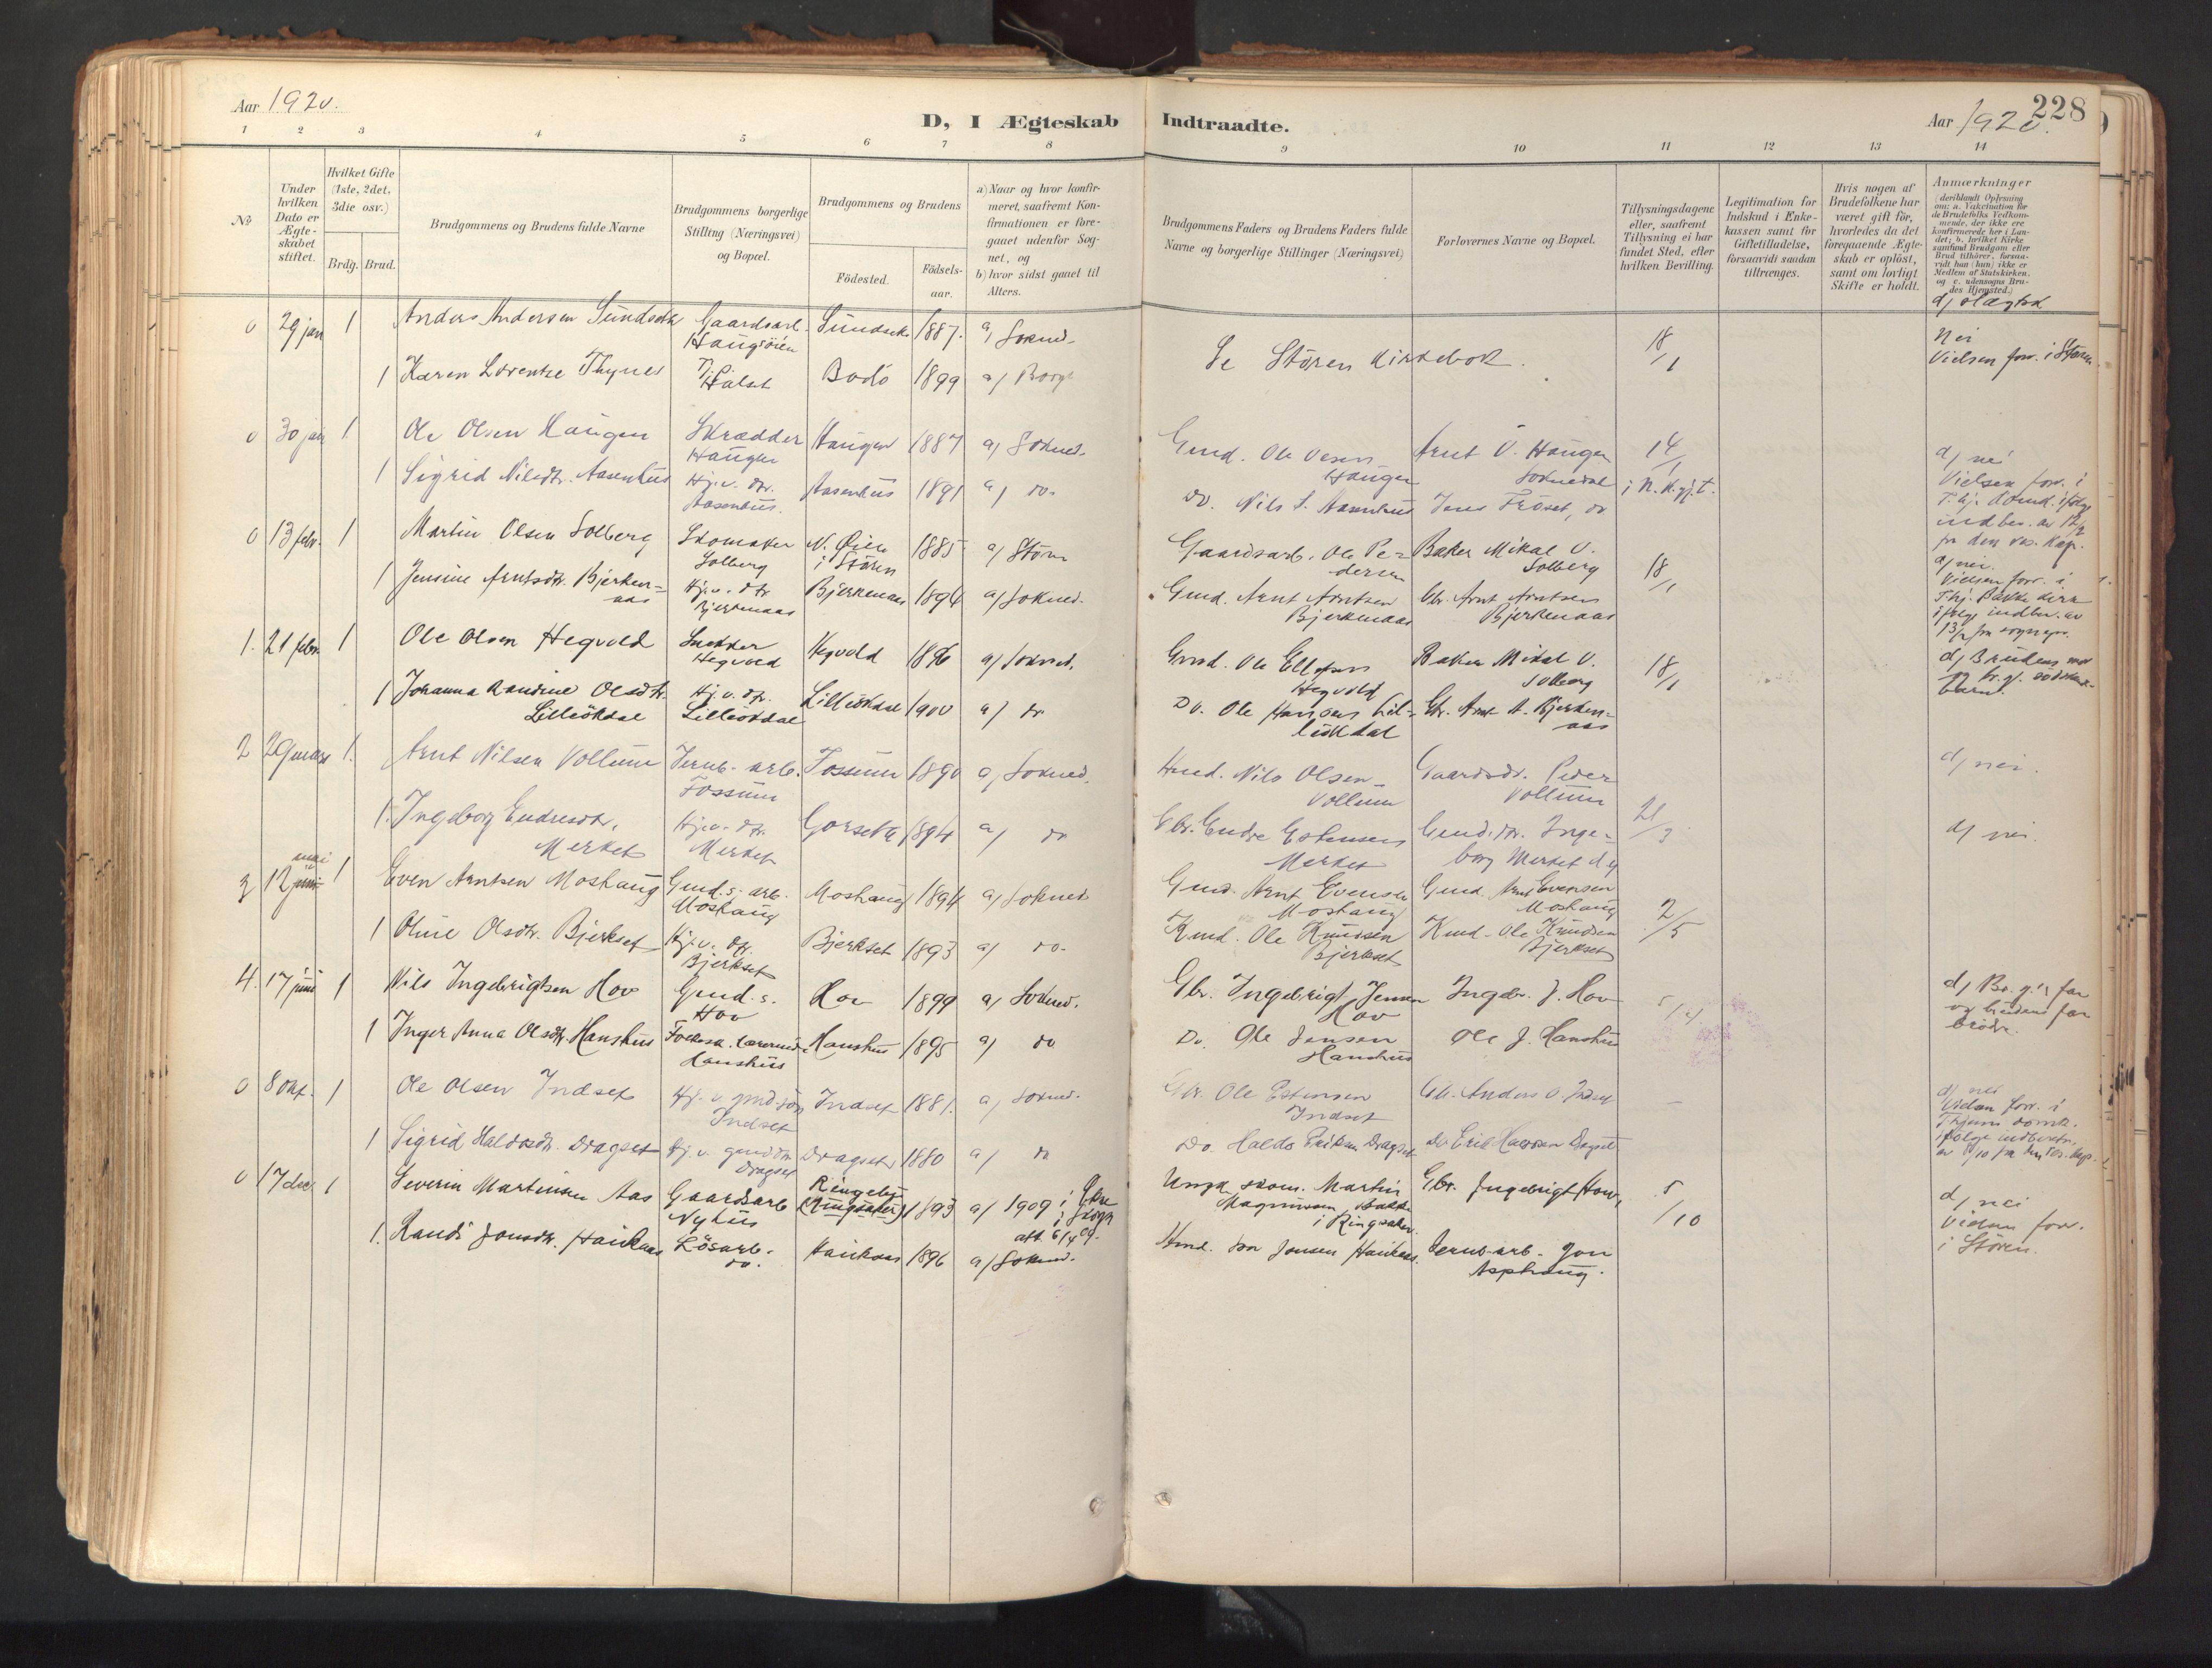 SAT, Ministerialprotokoller, klokkerbøker og fødselsregistre - Sør-Trøndelag, 689/L1041: Ministerialbok nr. 689A06, 1891-1923, s. 228